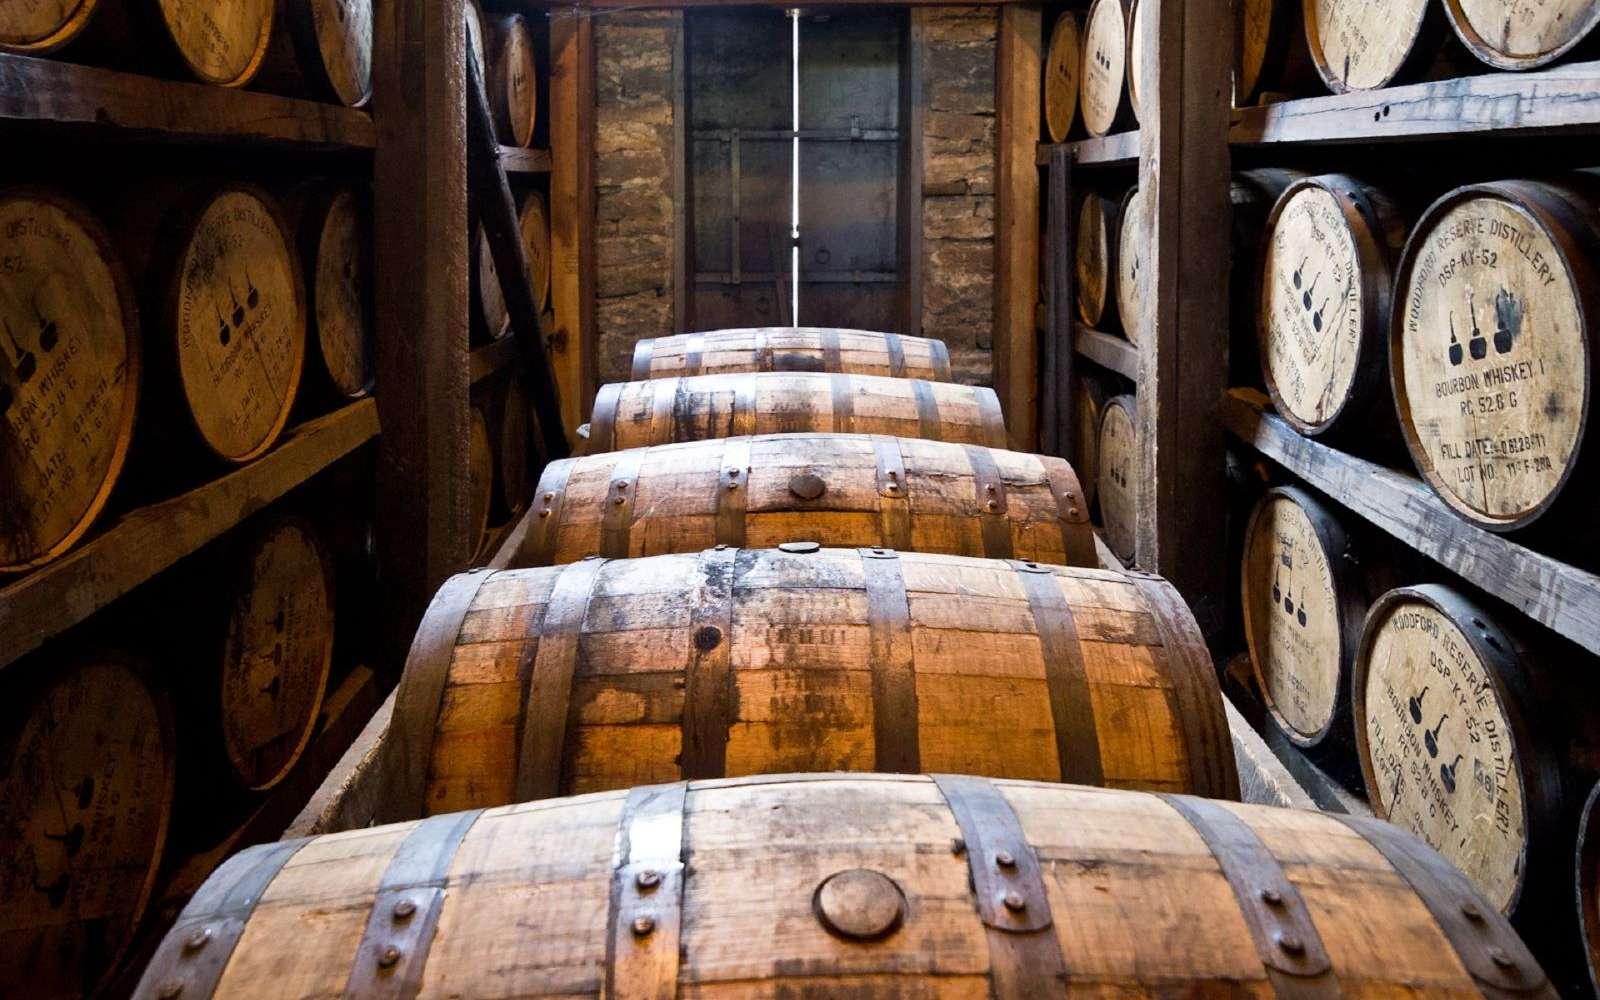 Pour contrôler la qualité de fabrication du whisky et lutter contre la contrefaçon, l'intelligence artificielle est mise à contribution. © Pixabay, Skeeze